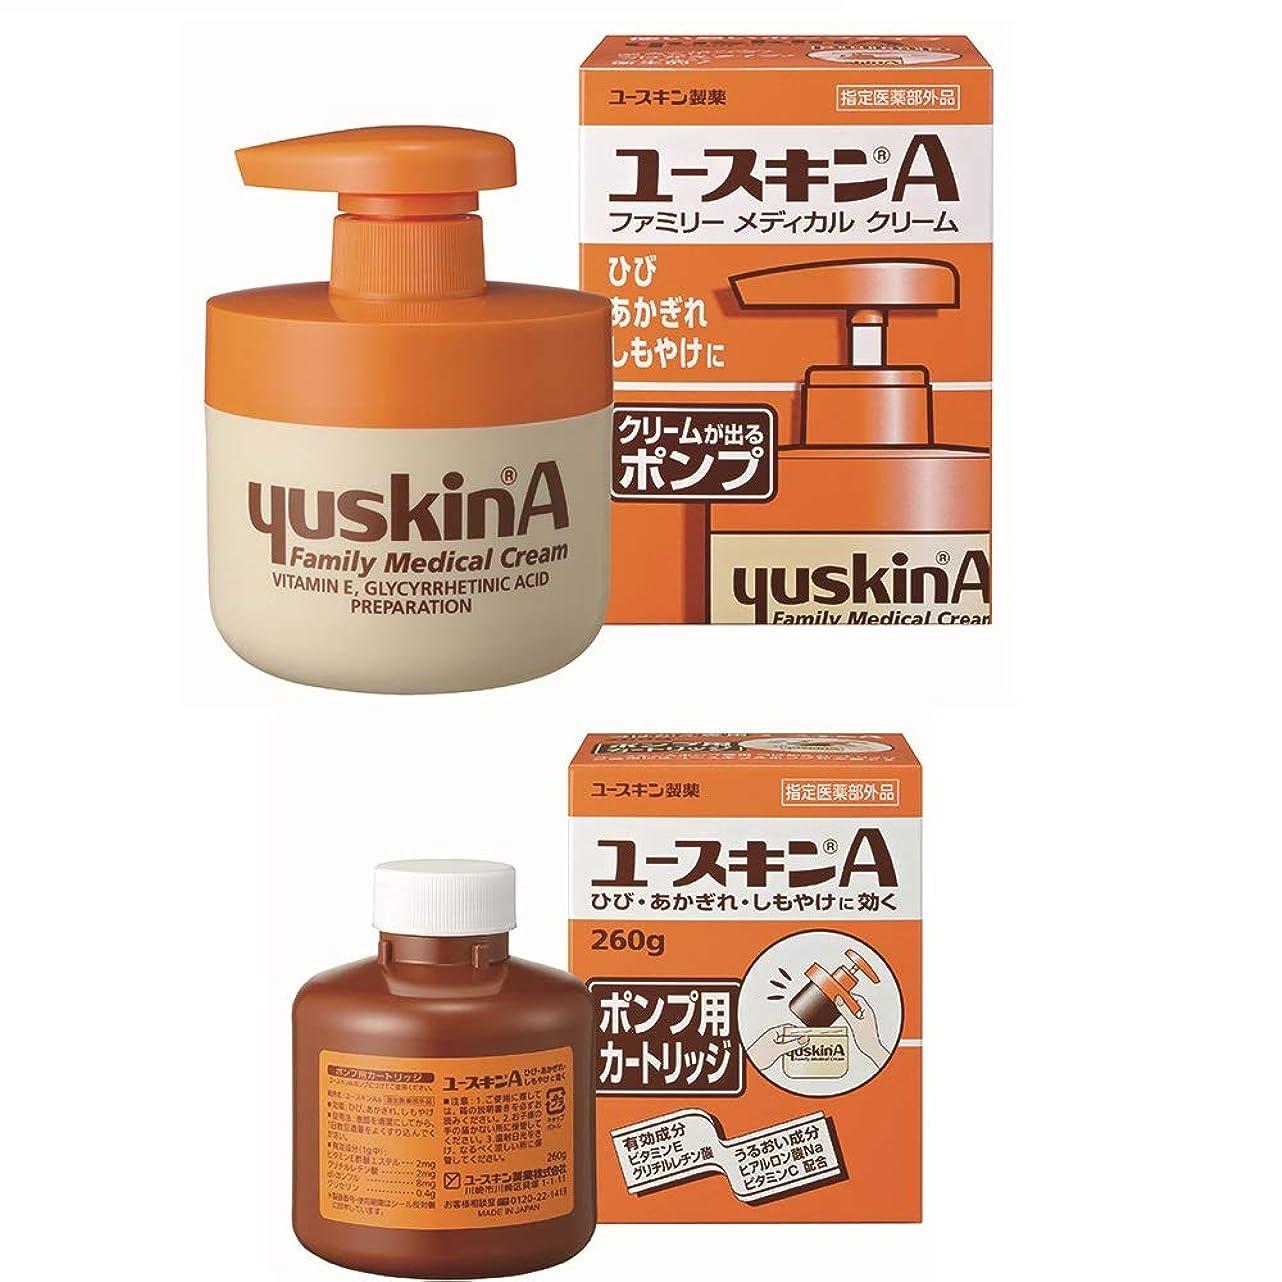 前投薬グレード不格好【セット品】ユースキンA ポンプ 260g+A ポンプ用カートリッジ